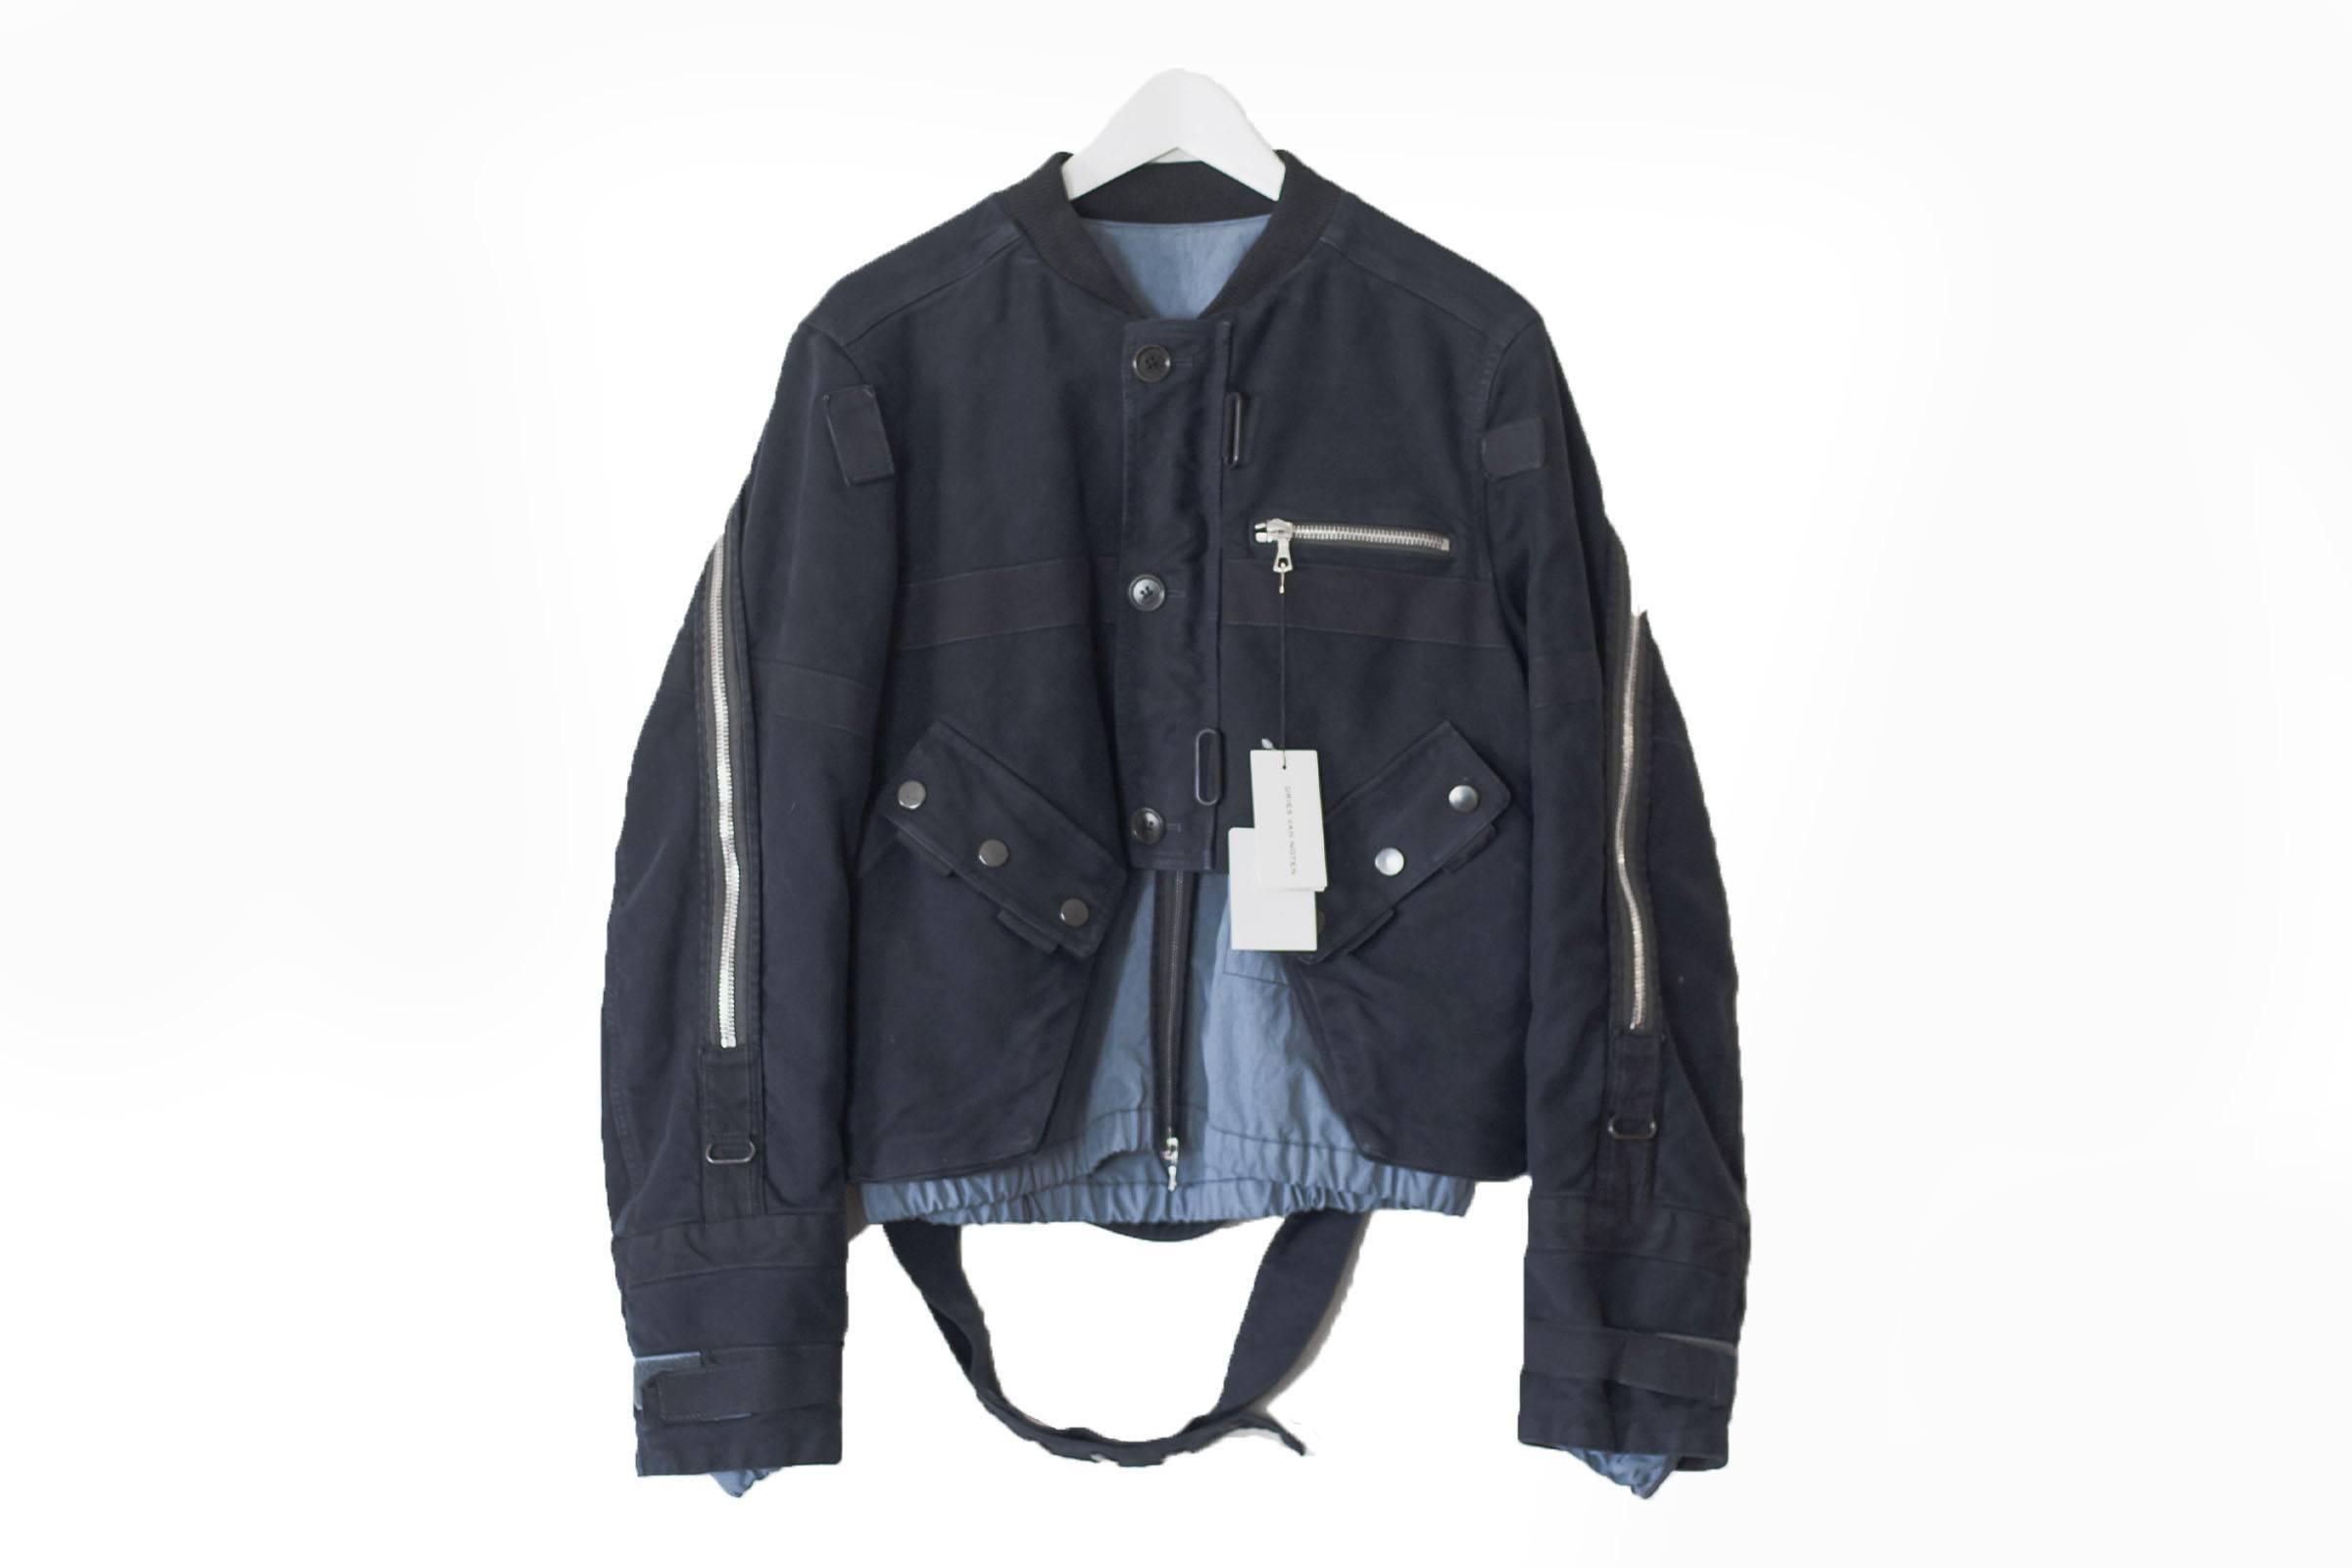 Dries Van Noten Fall/Winter 2014 Back Zip Bomber Jacket